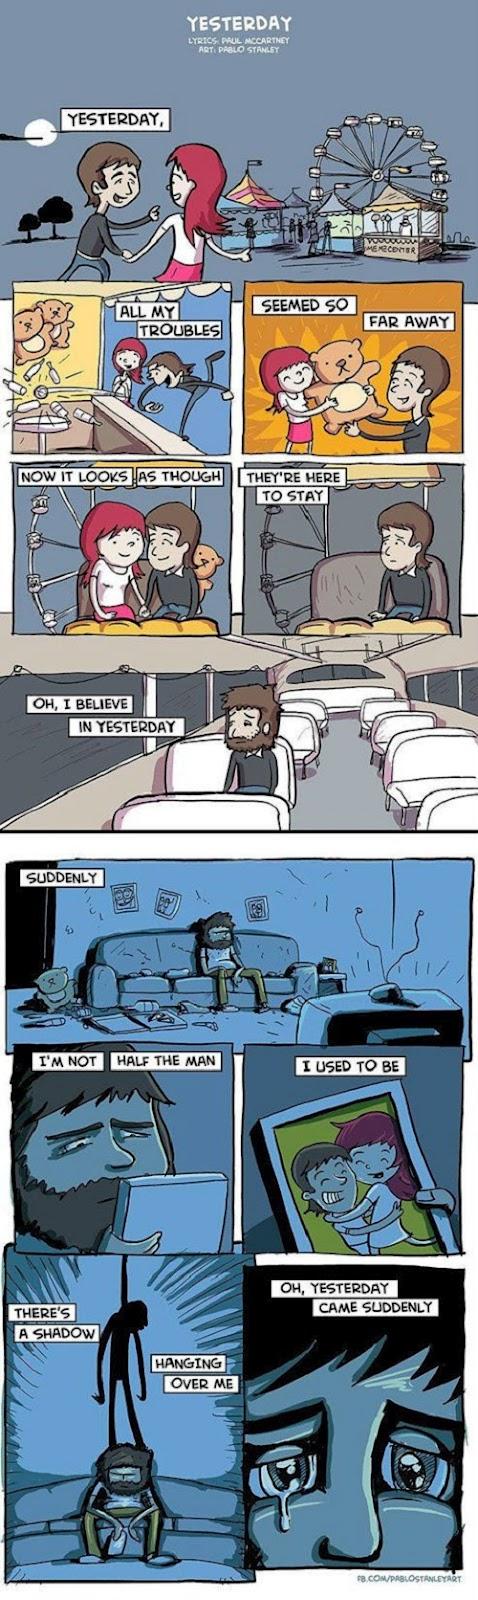 Yesterday de los Beatles versión Comic